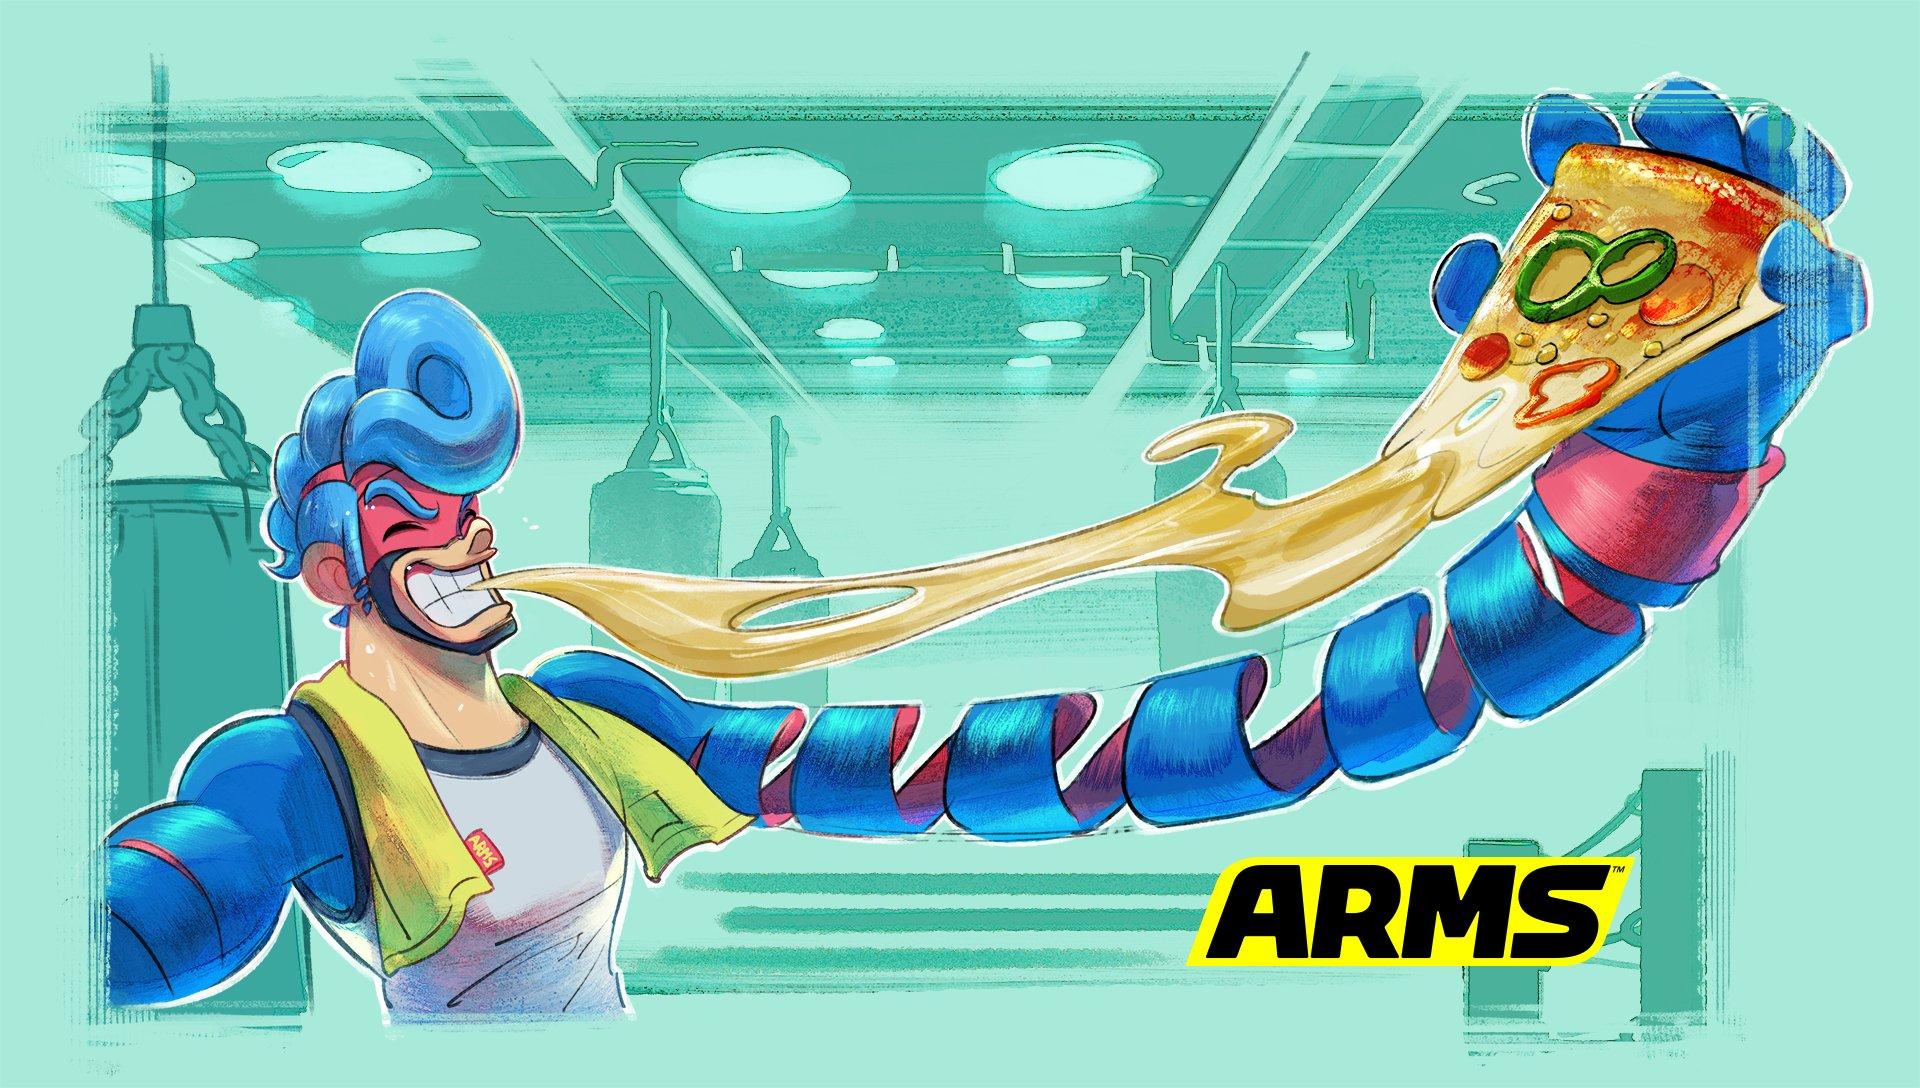 Arms twintelle min min and ribbon girl 3d futa porngamedevilcom - 3 1